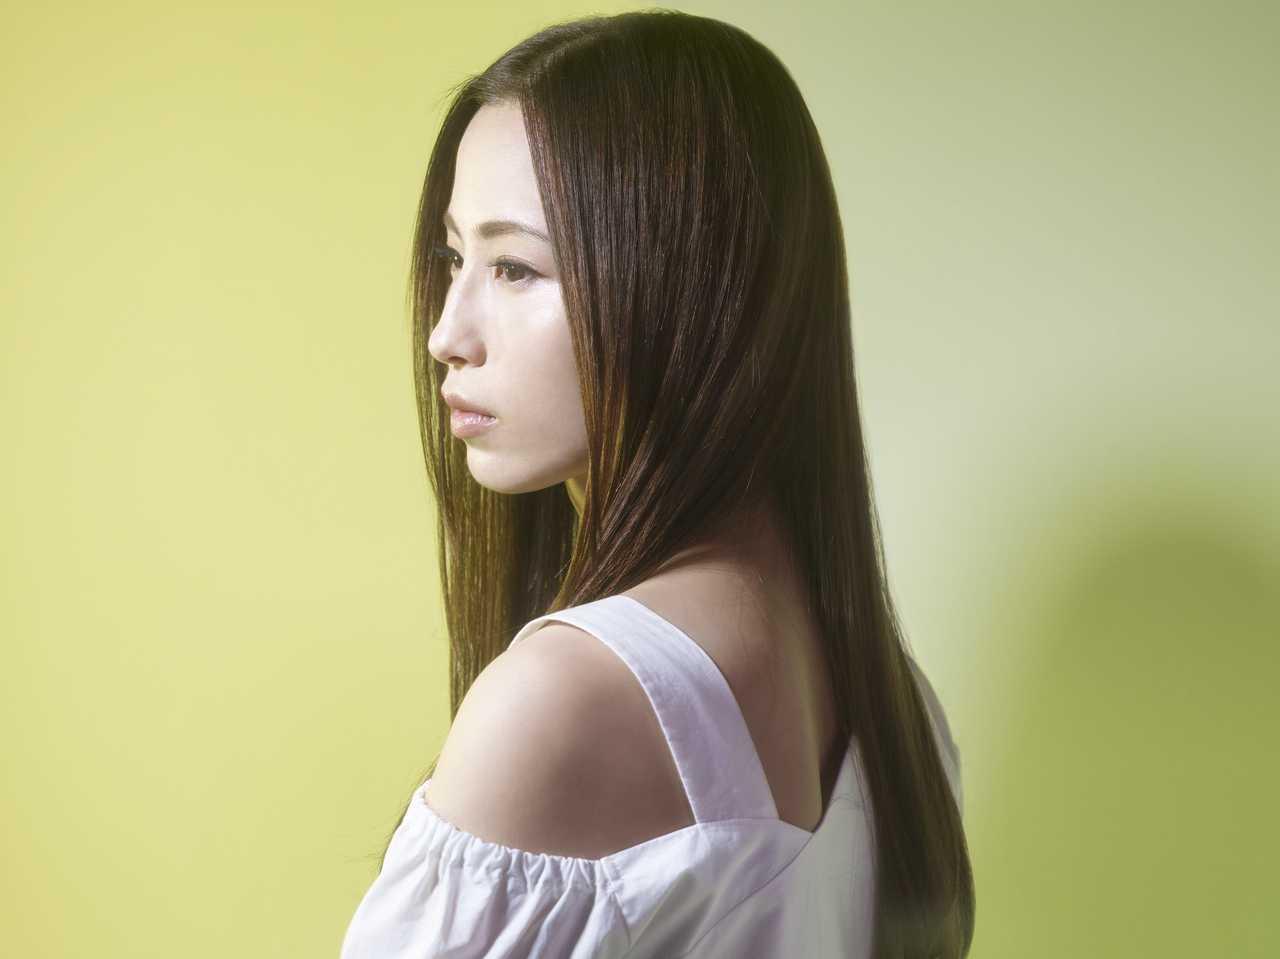 Uru ドラマ『推しの王子様』主題歌の新曲「Love Song」がフルサイズオンエア解禁決定!